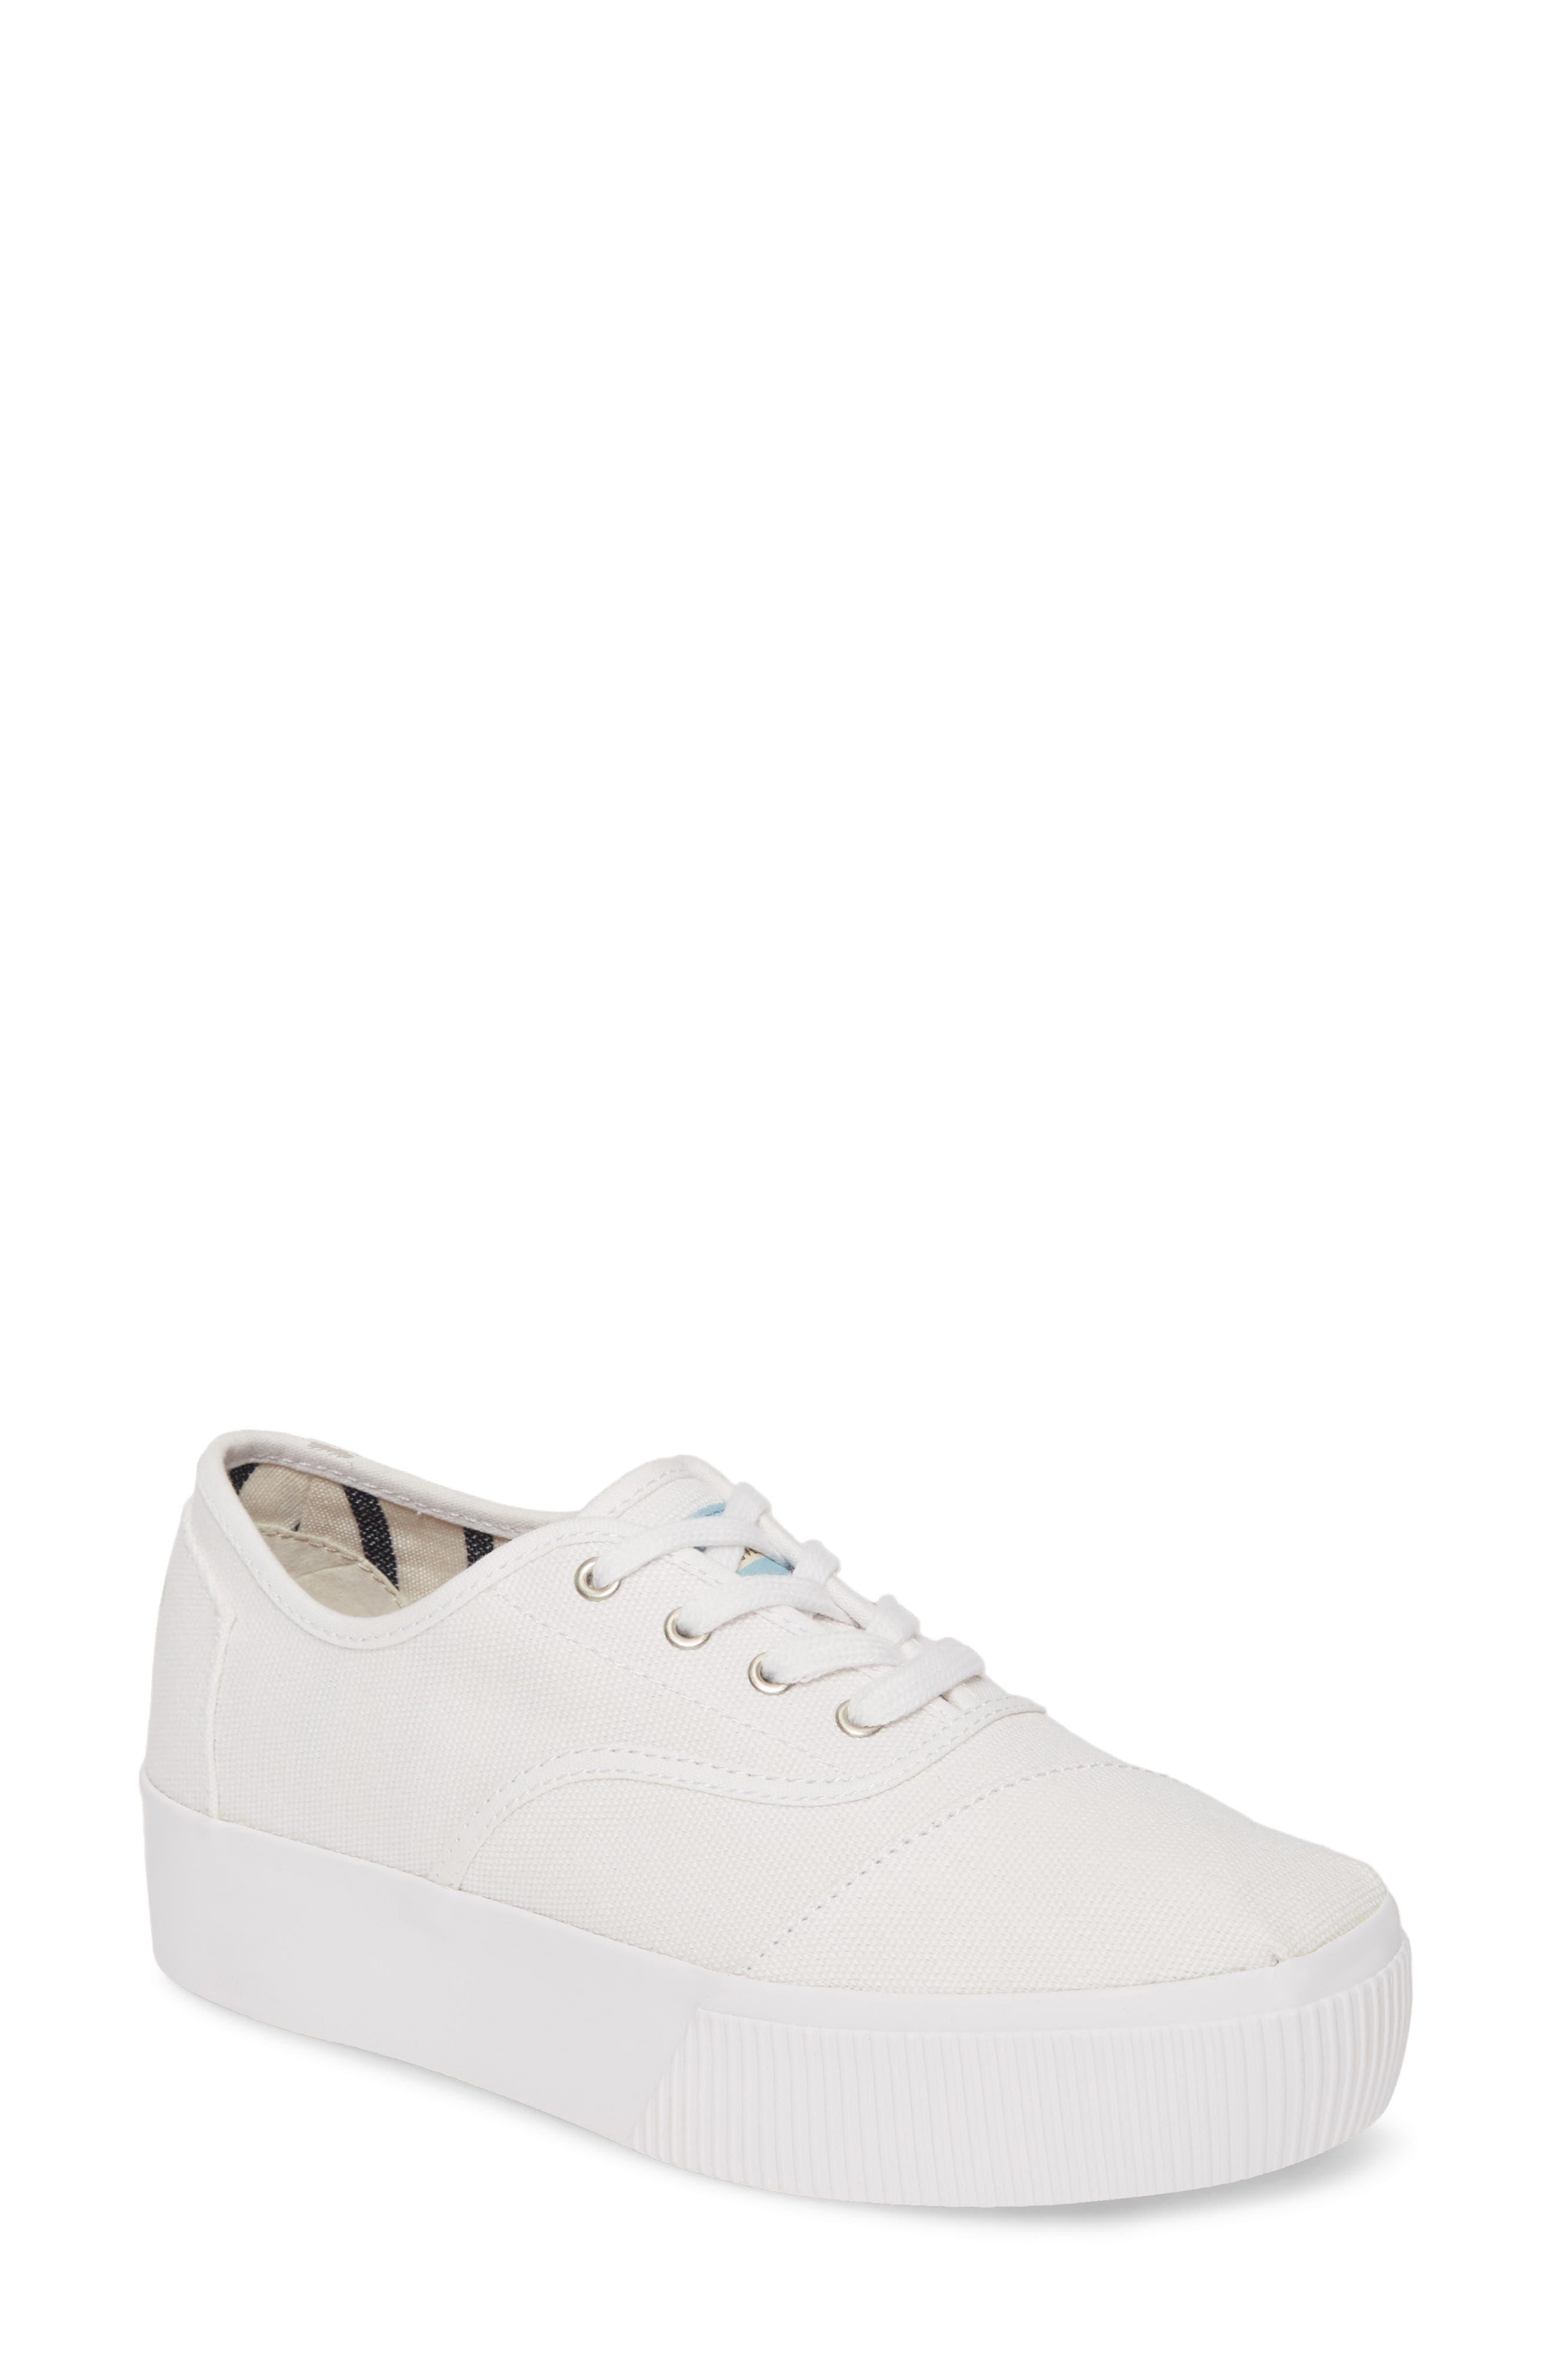 Toms Cordones Boardwalk Sneaker- White